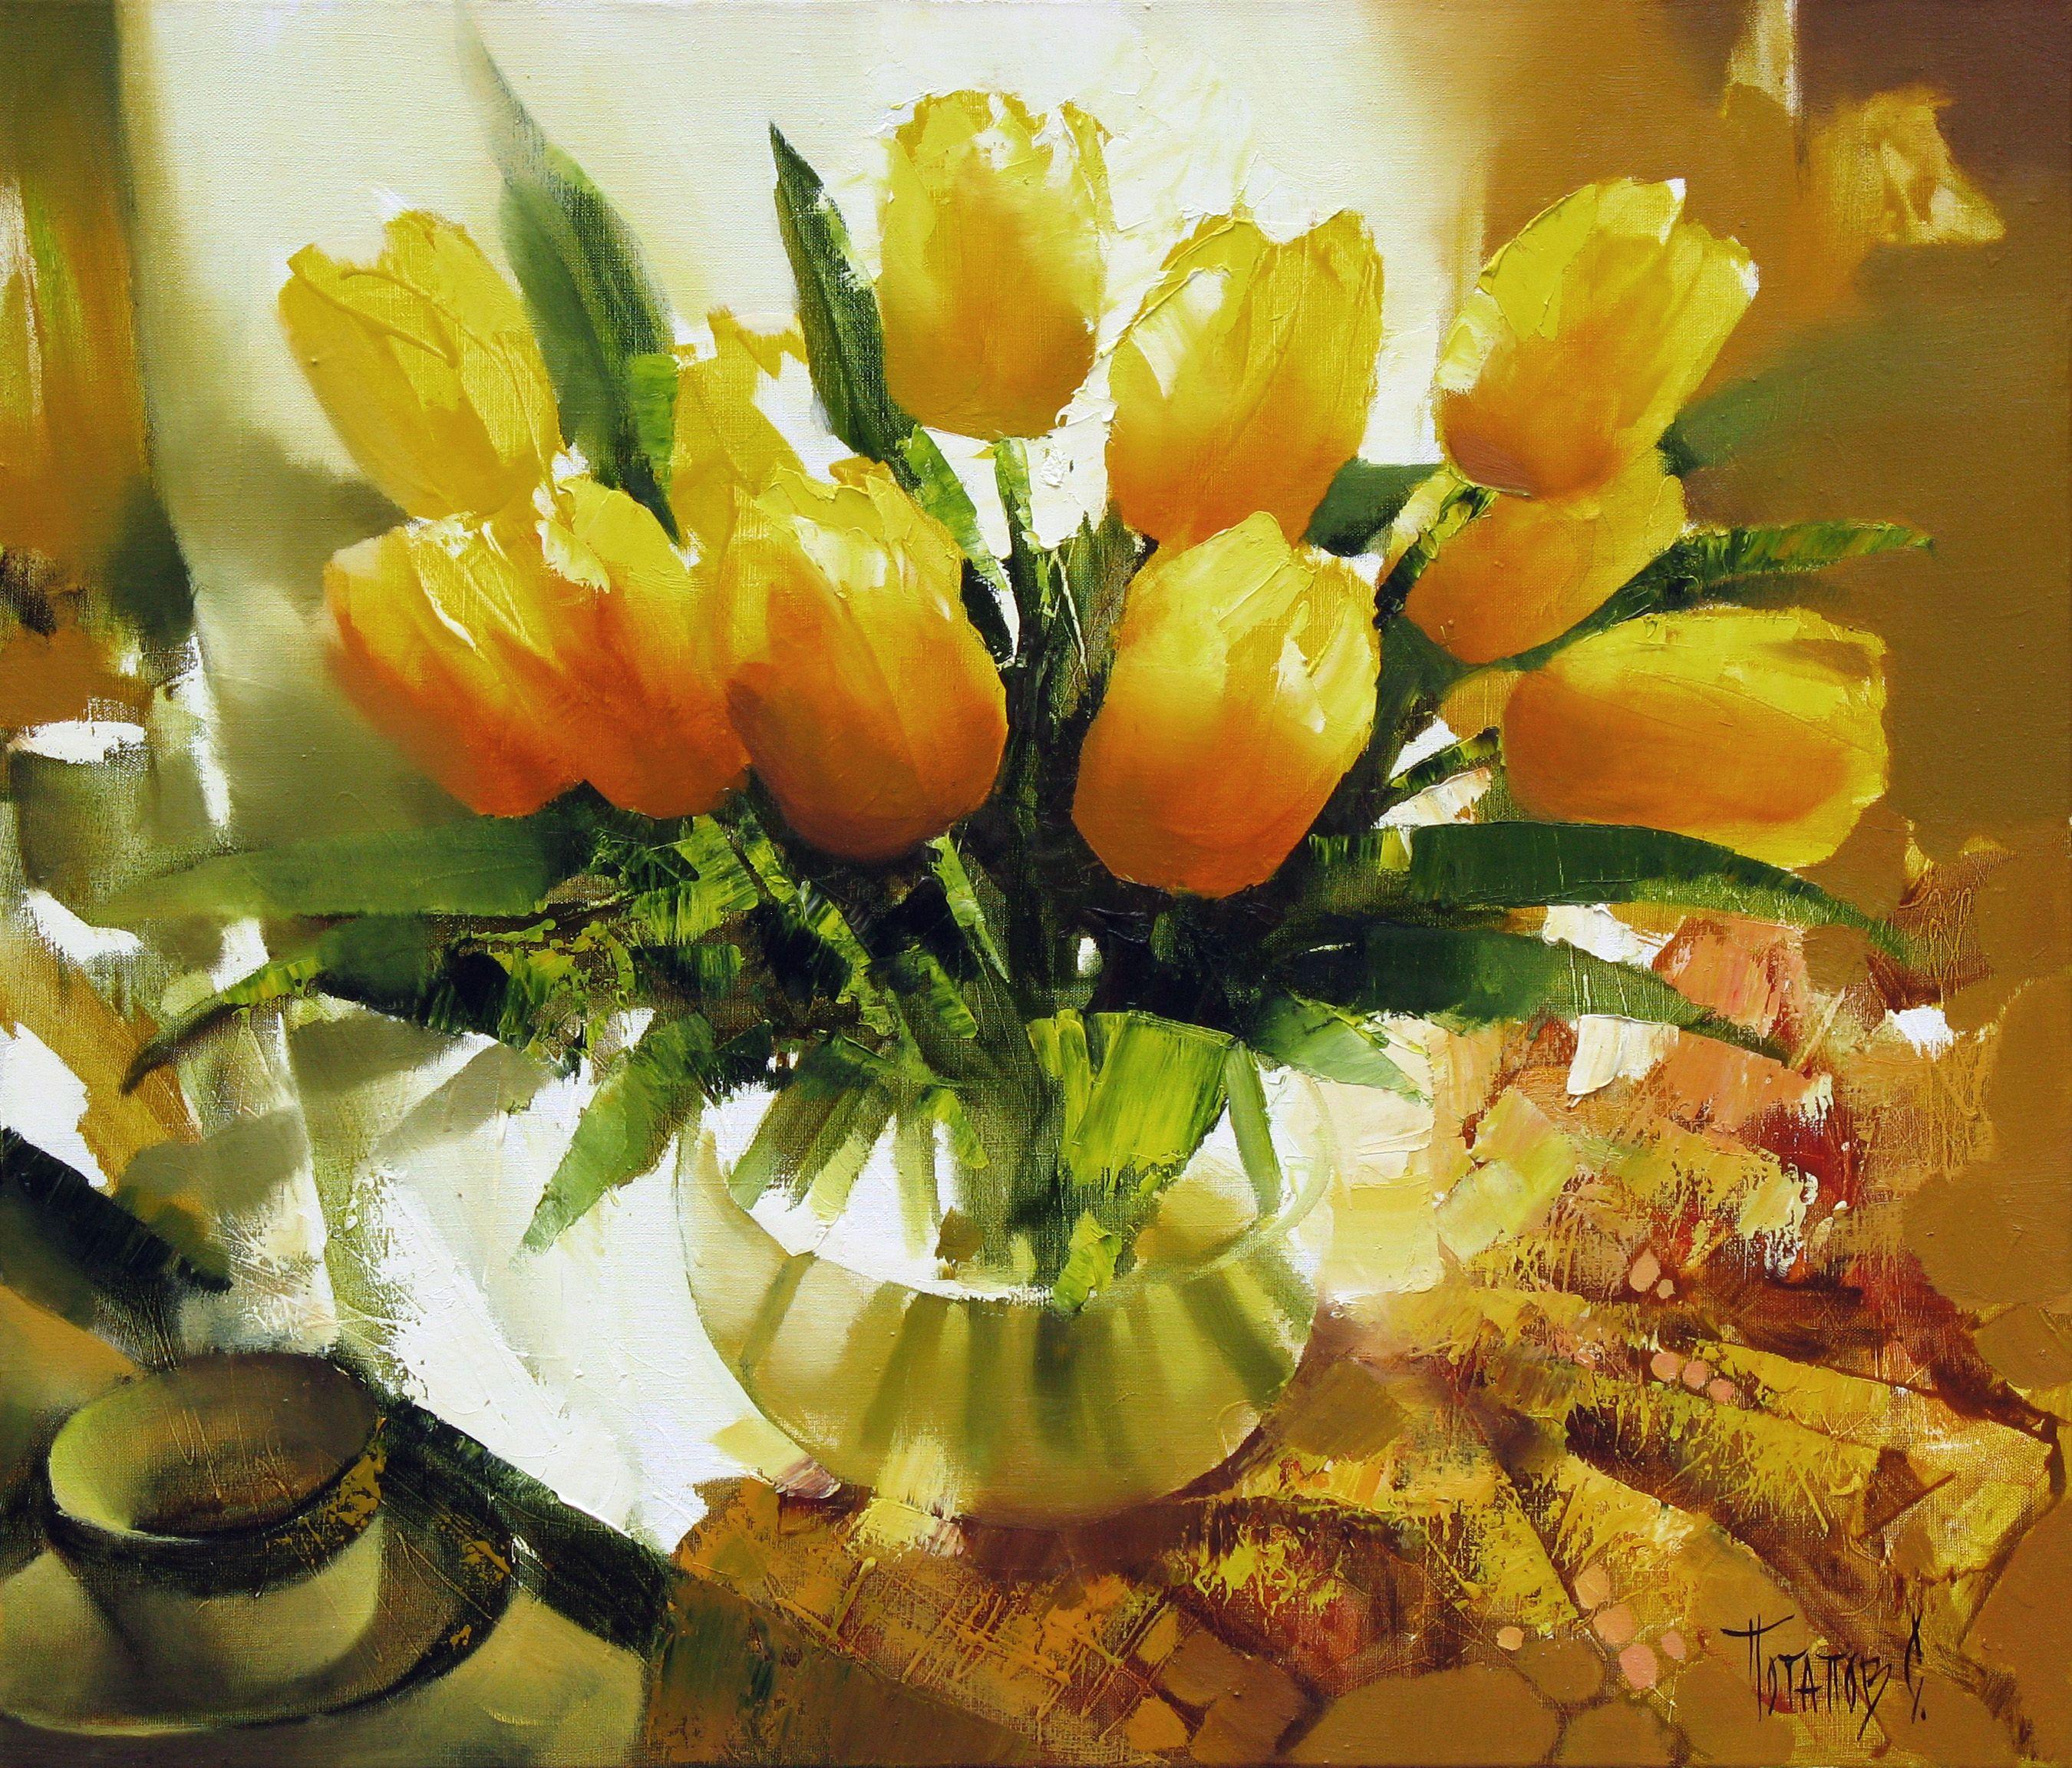 тебе желтые цветы в картинах художников юмор настолько